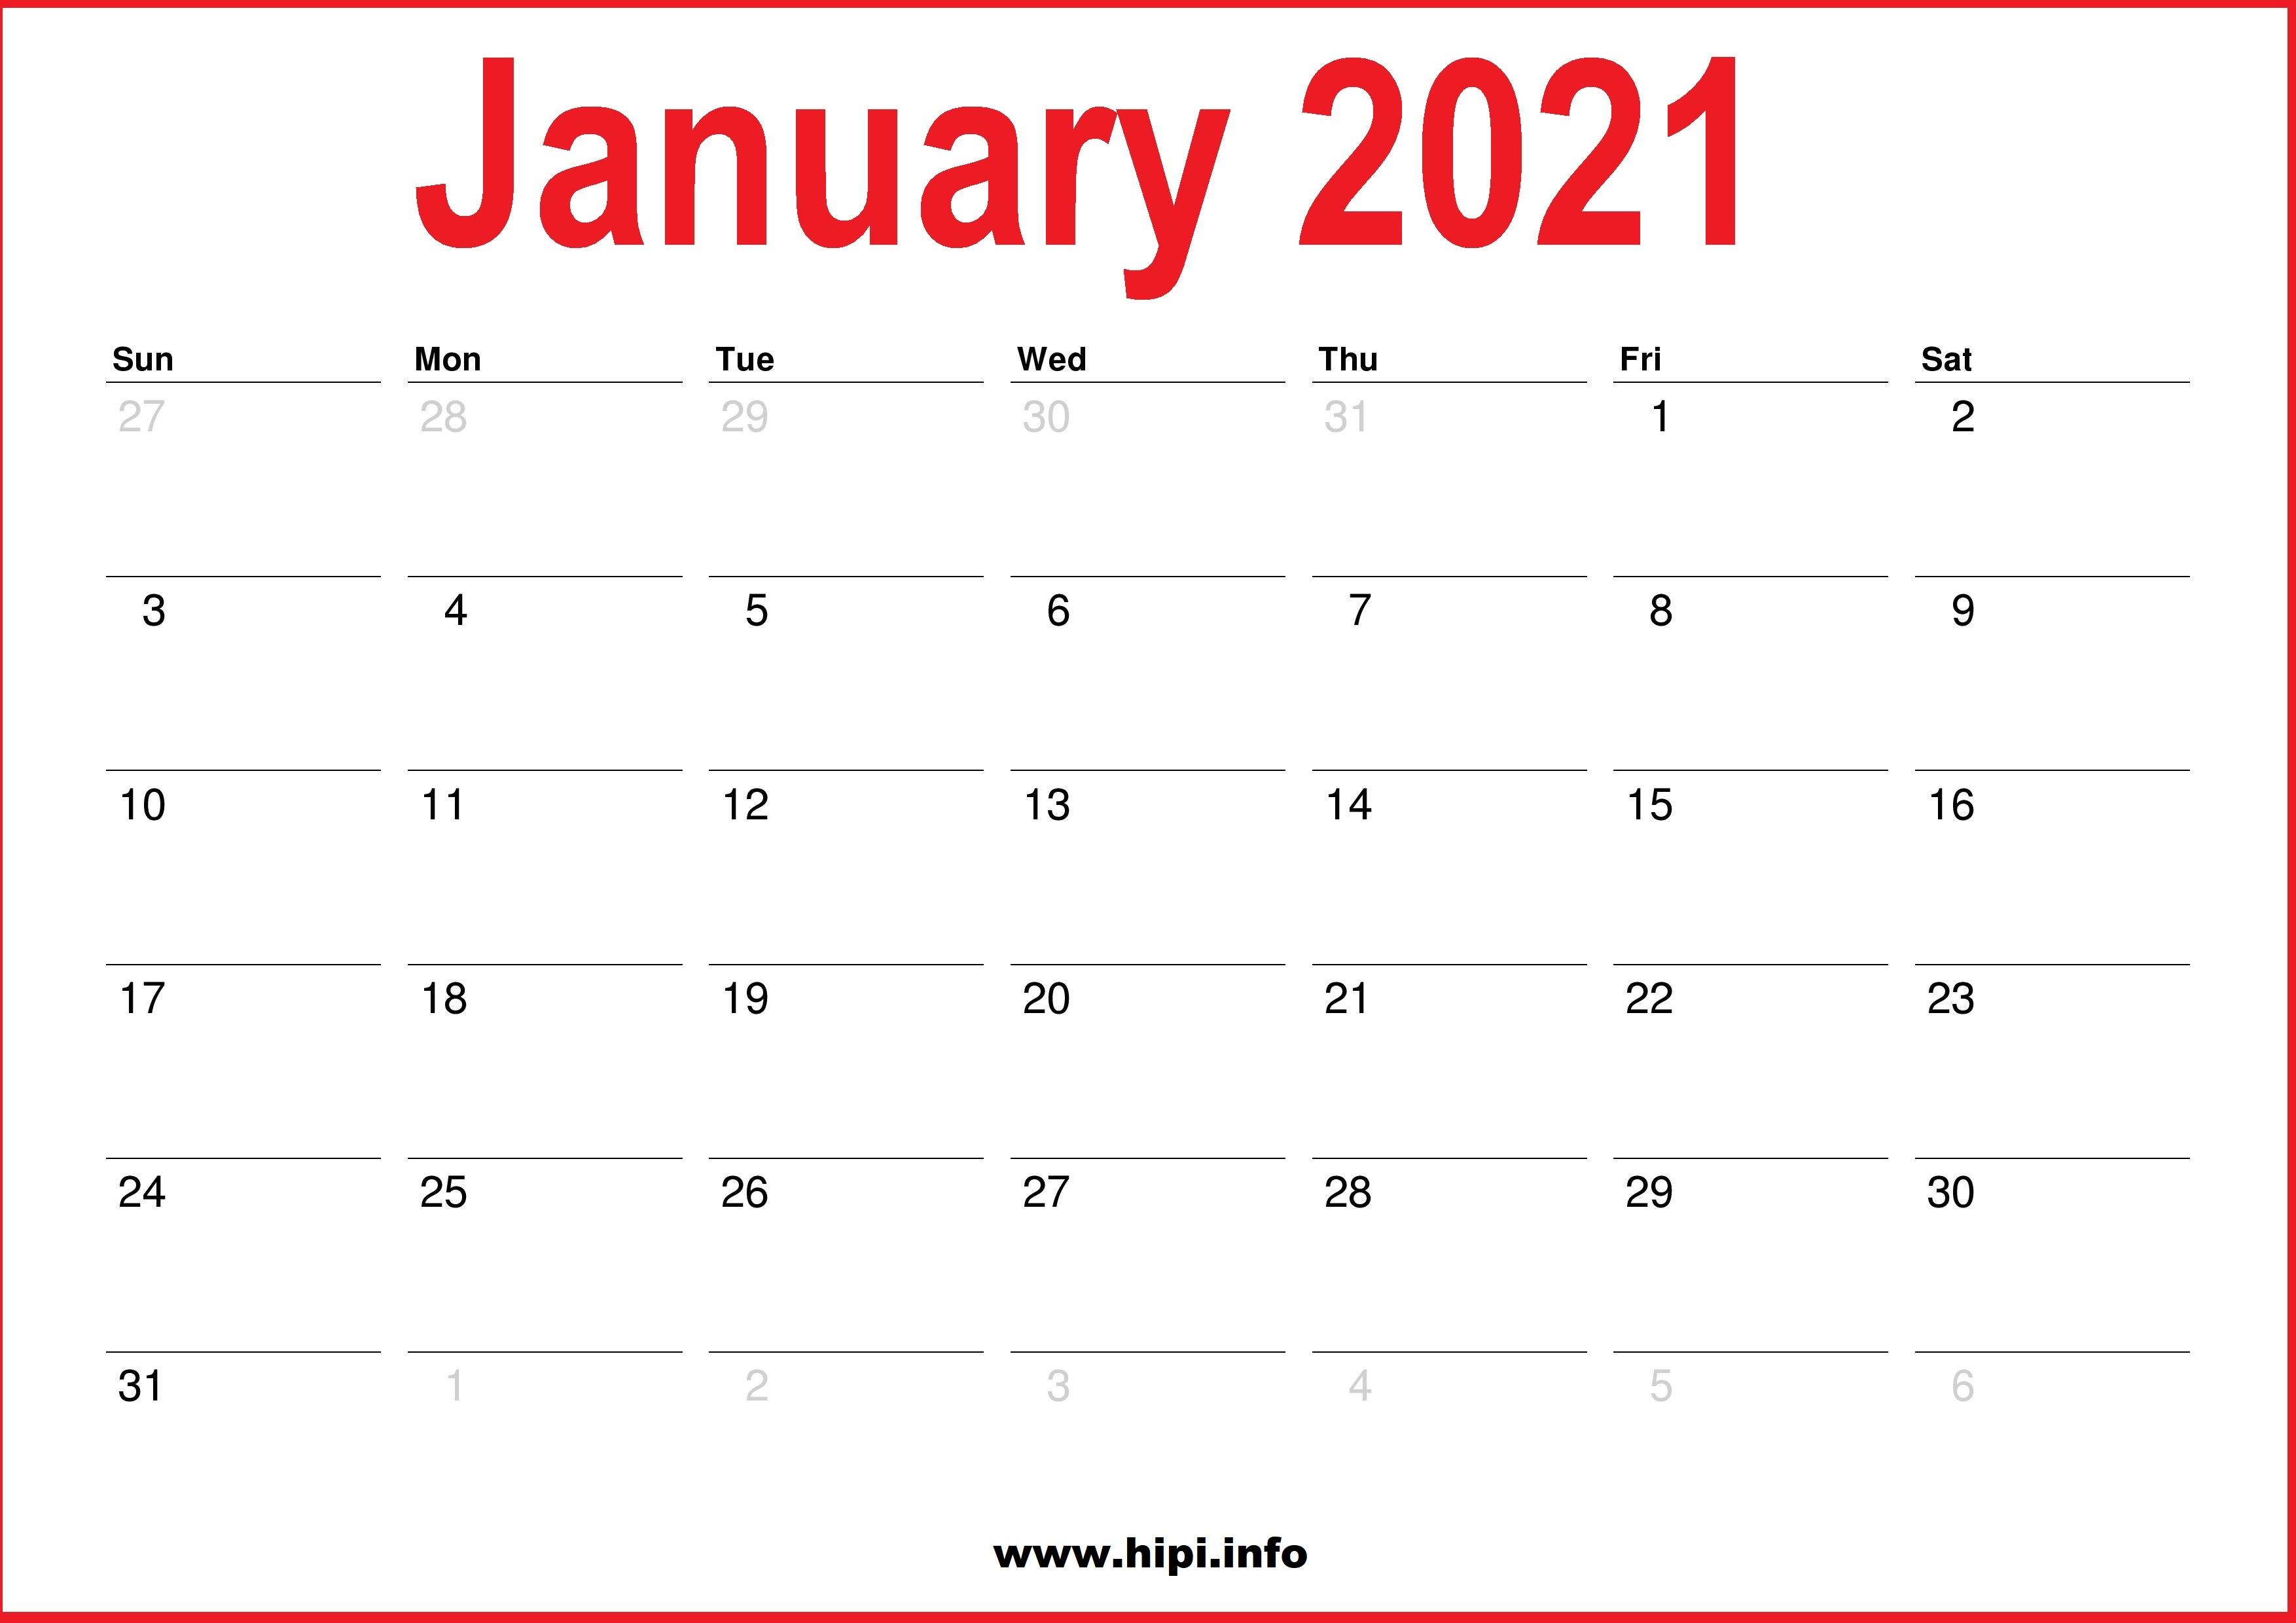 2021 January Calendar Printable - Monthly Calendar - Hipi ...